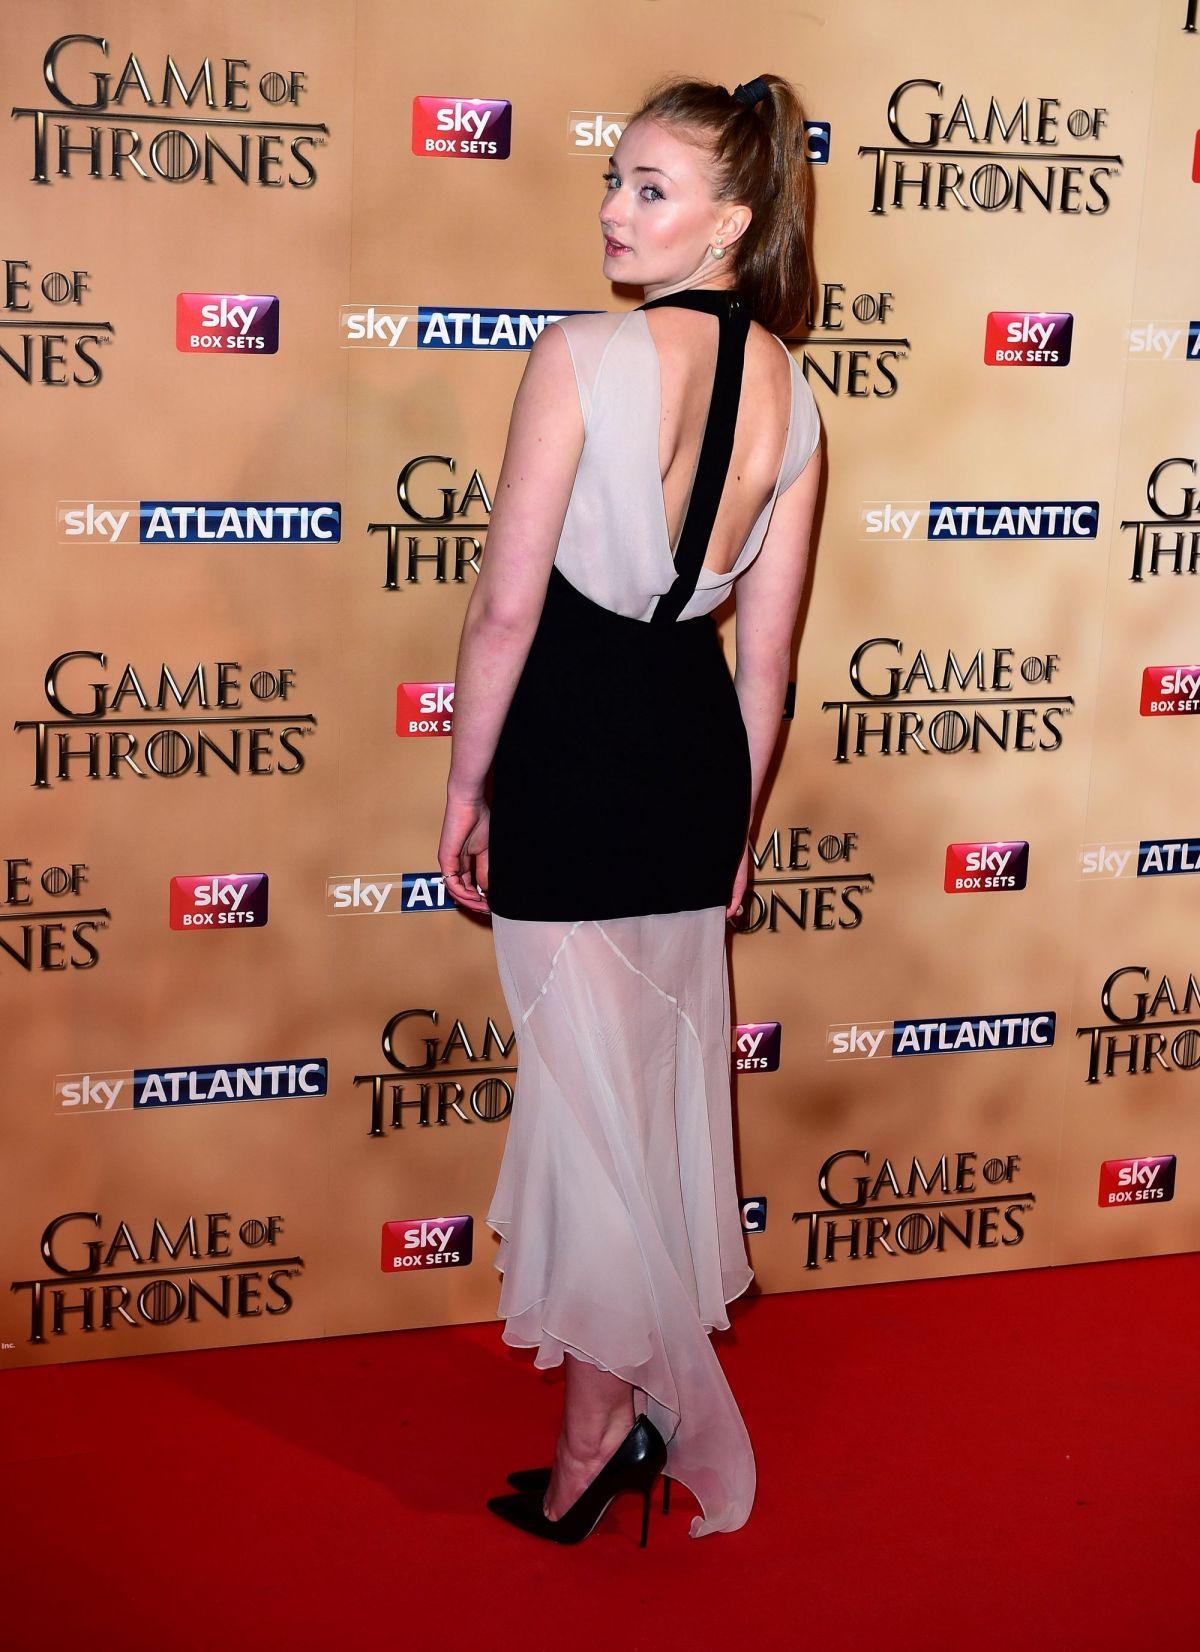 Sophie Turner - Game of Thrones Season 5 San Francisco